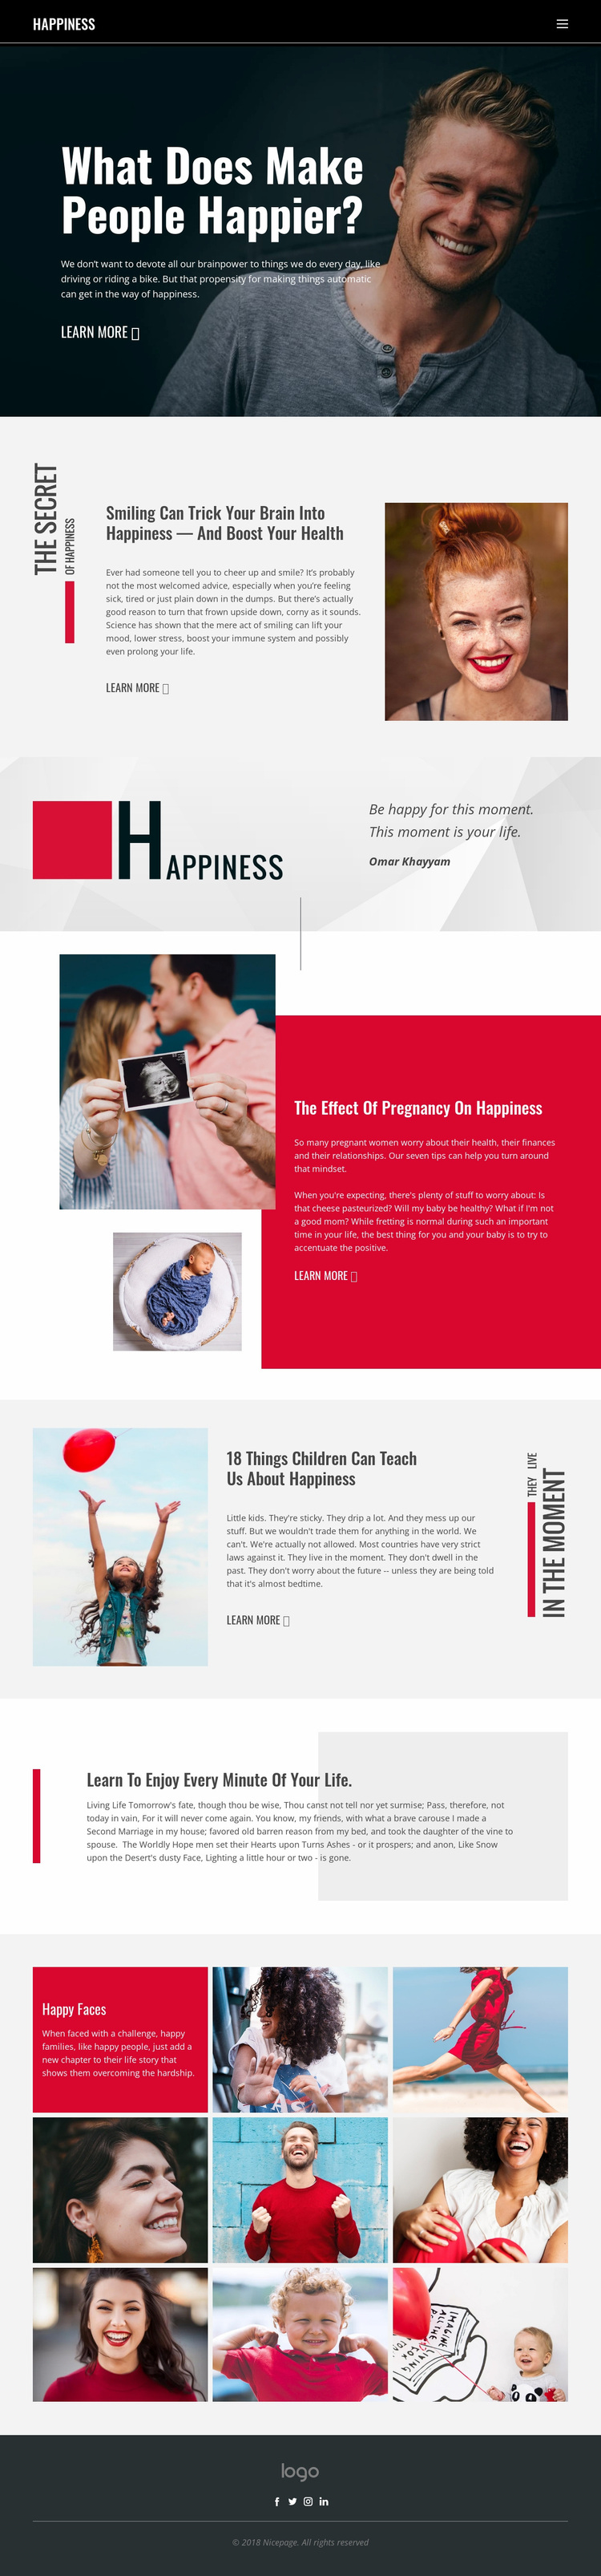 Happiness Website Design